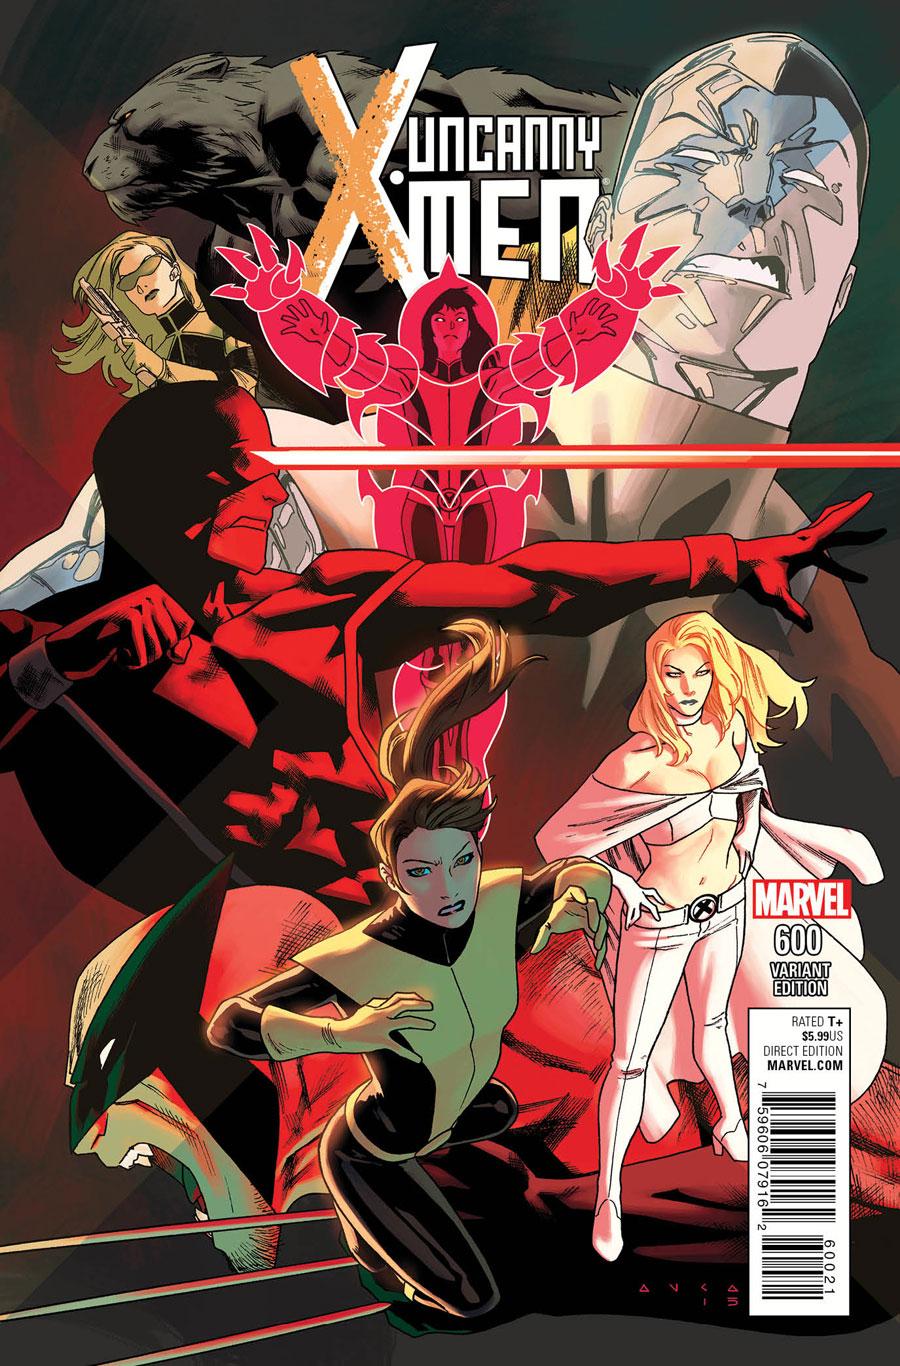 Uncanny X-Men 600 Kris Anka variant